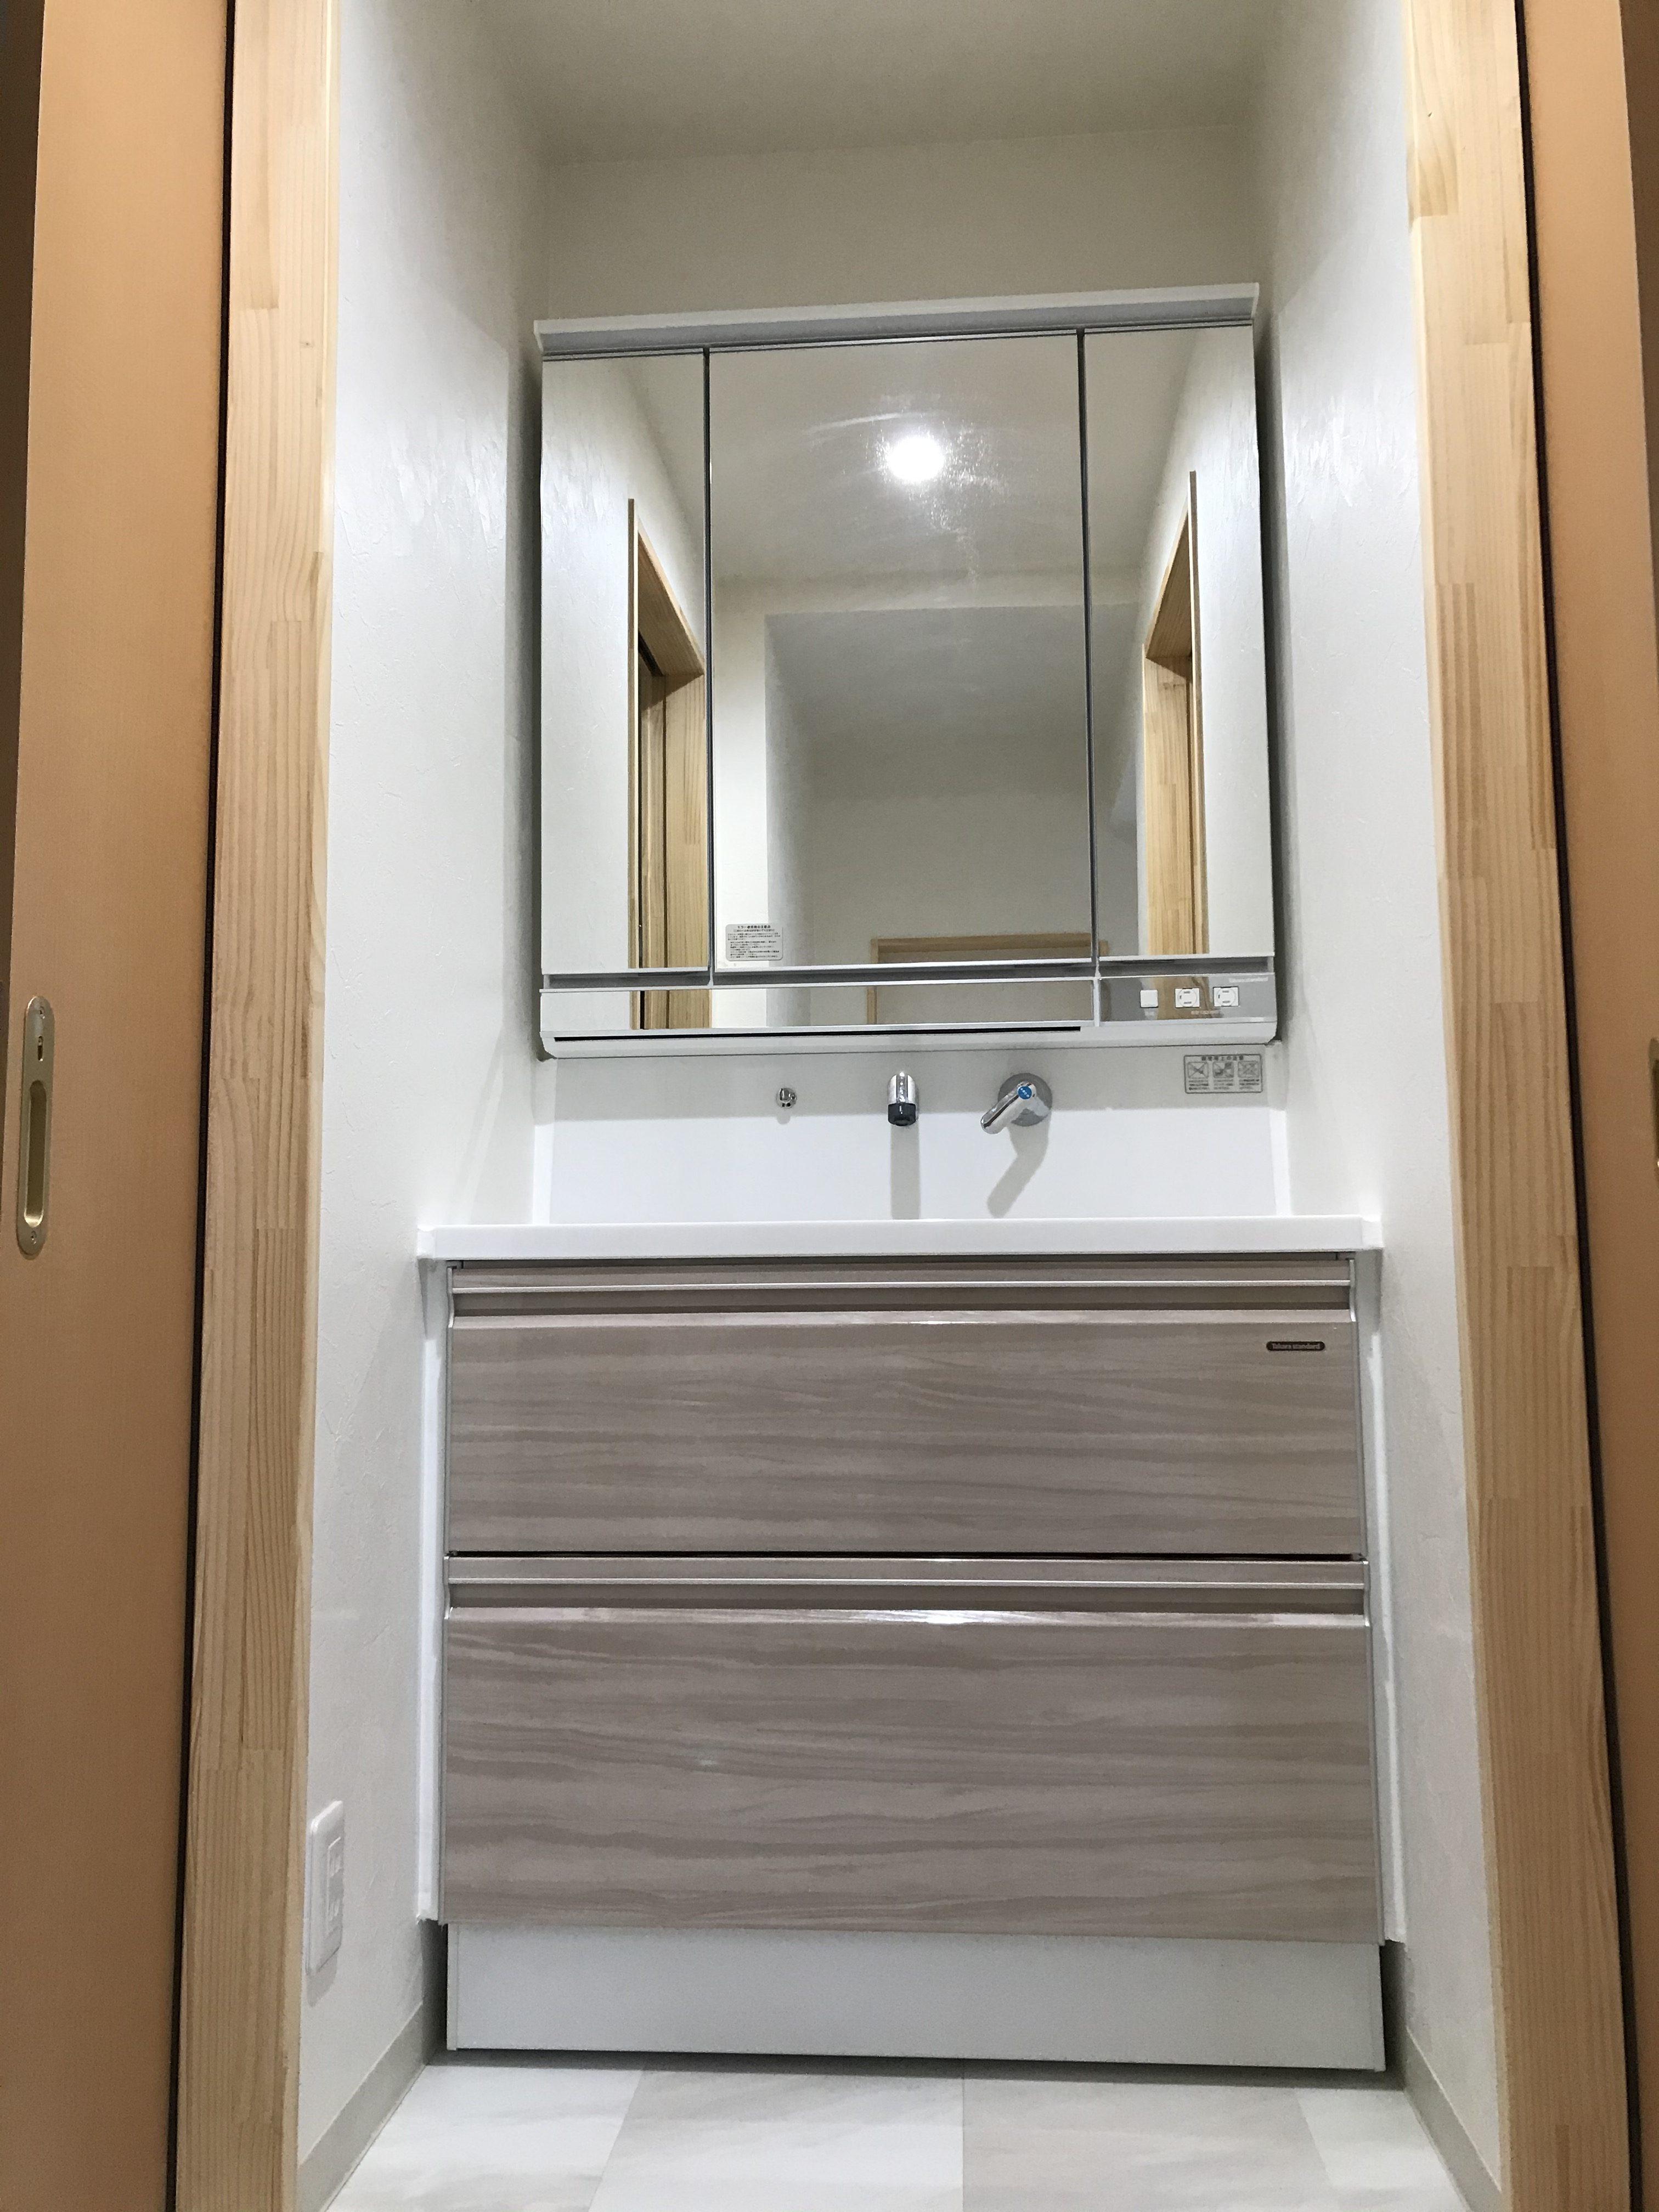 洗面化粧台 タカラ ドレシオ:たっぷり収納、広い洗面カウンター